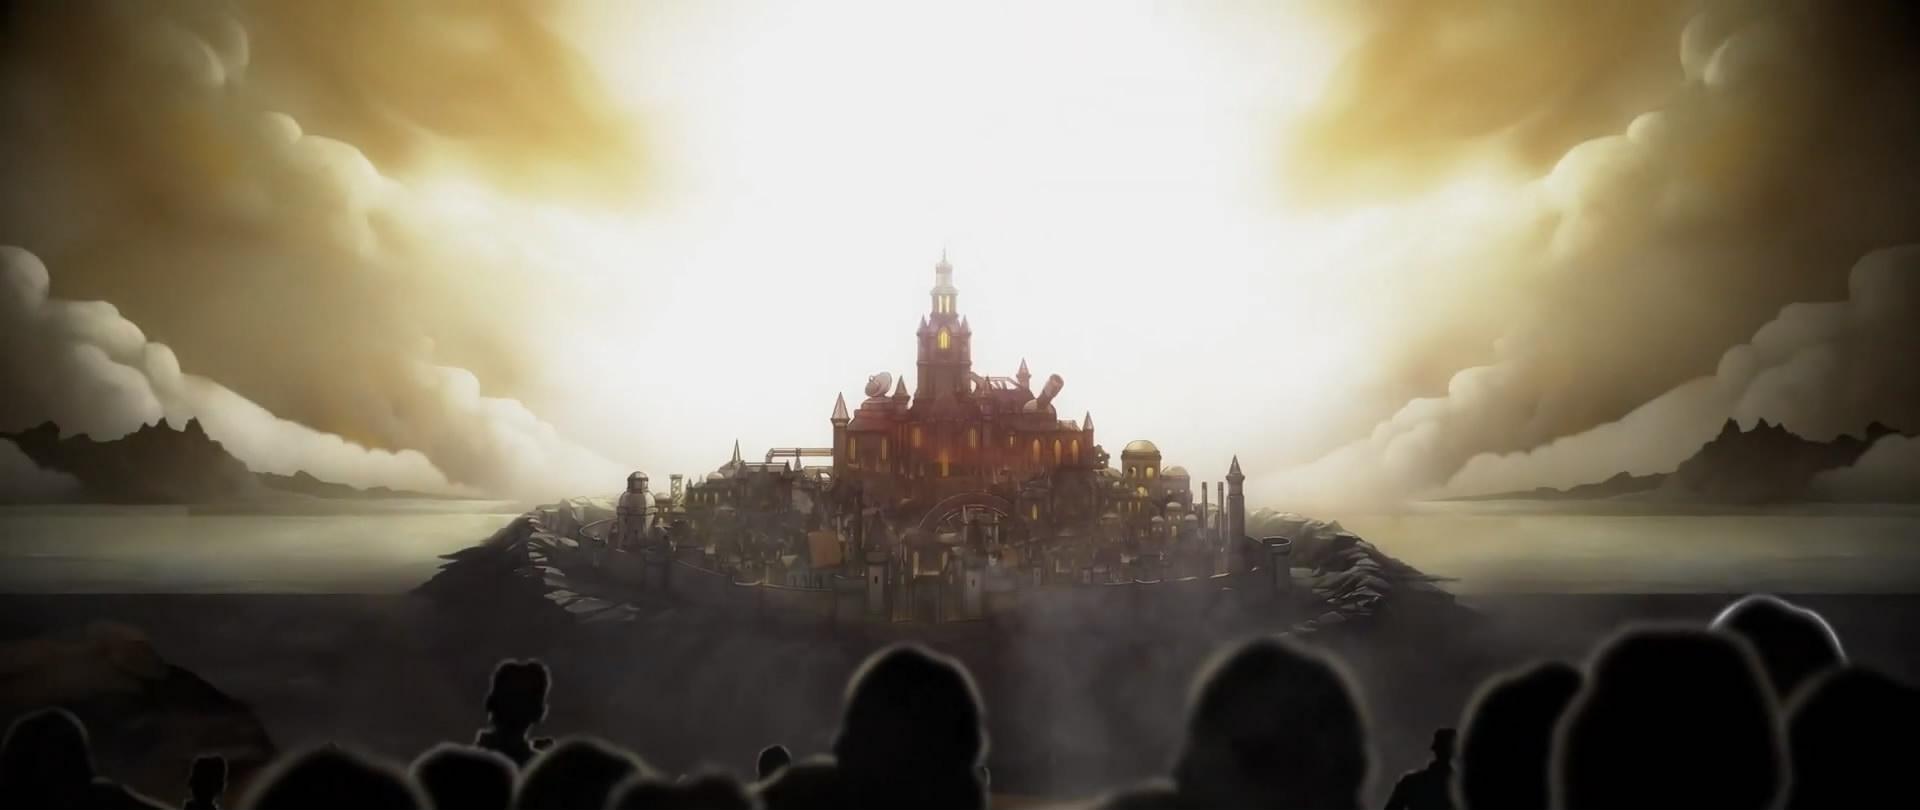 即时战略游戏《亿万僵尸》正式版发售 新预告片公布